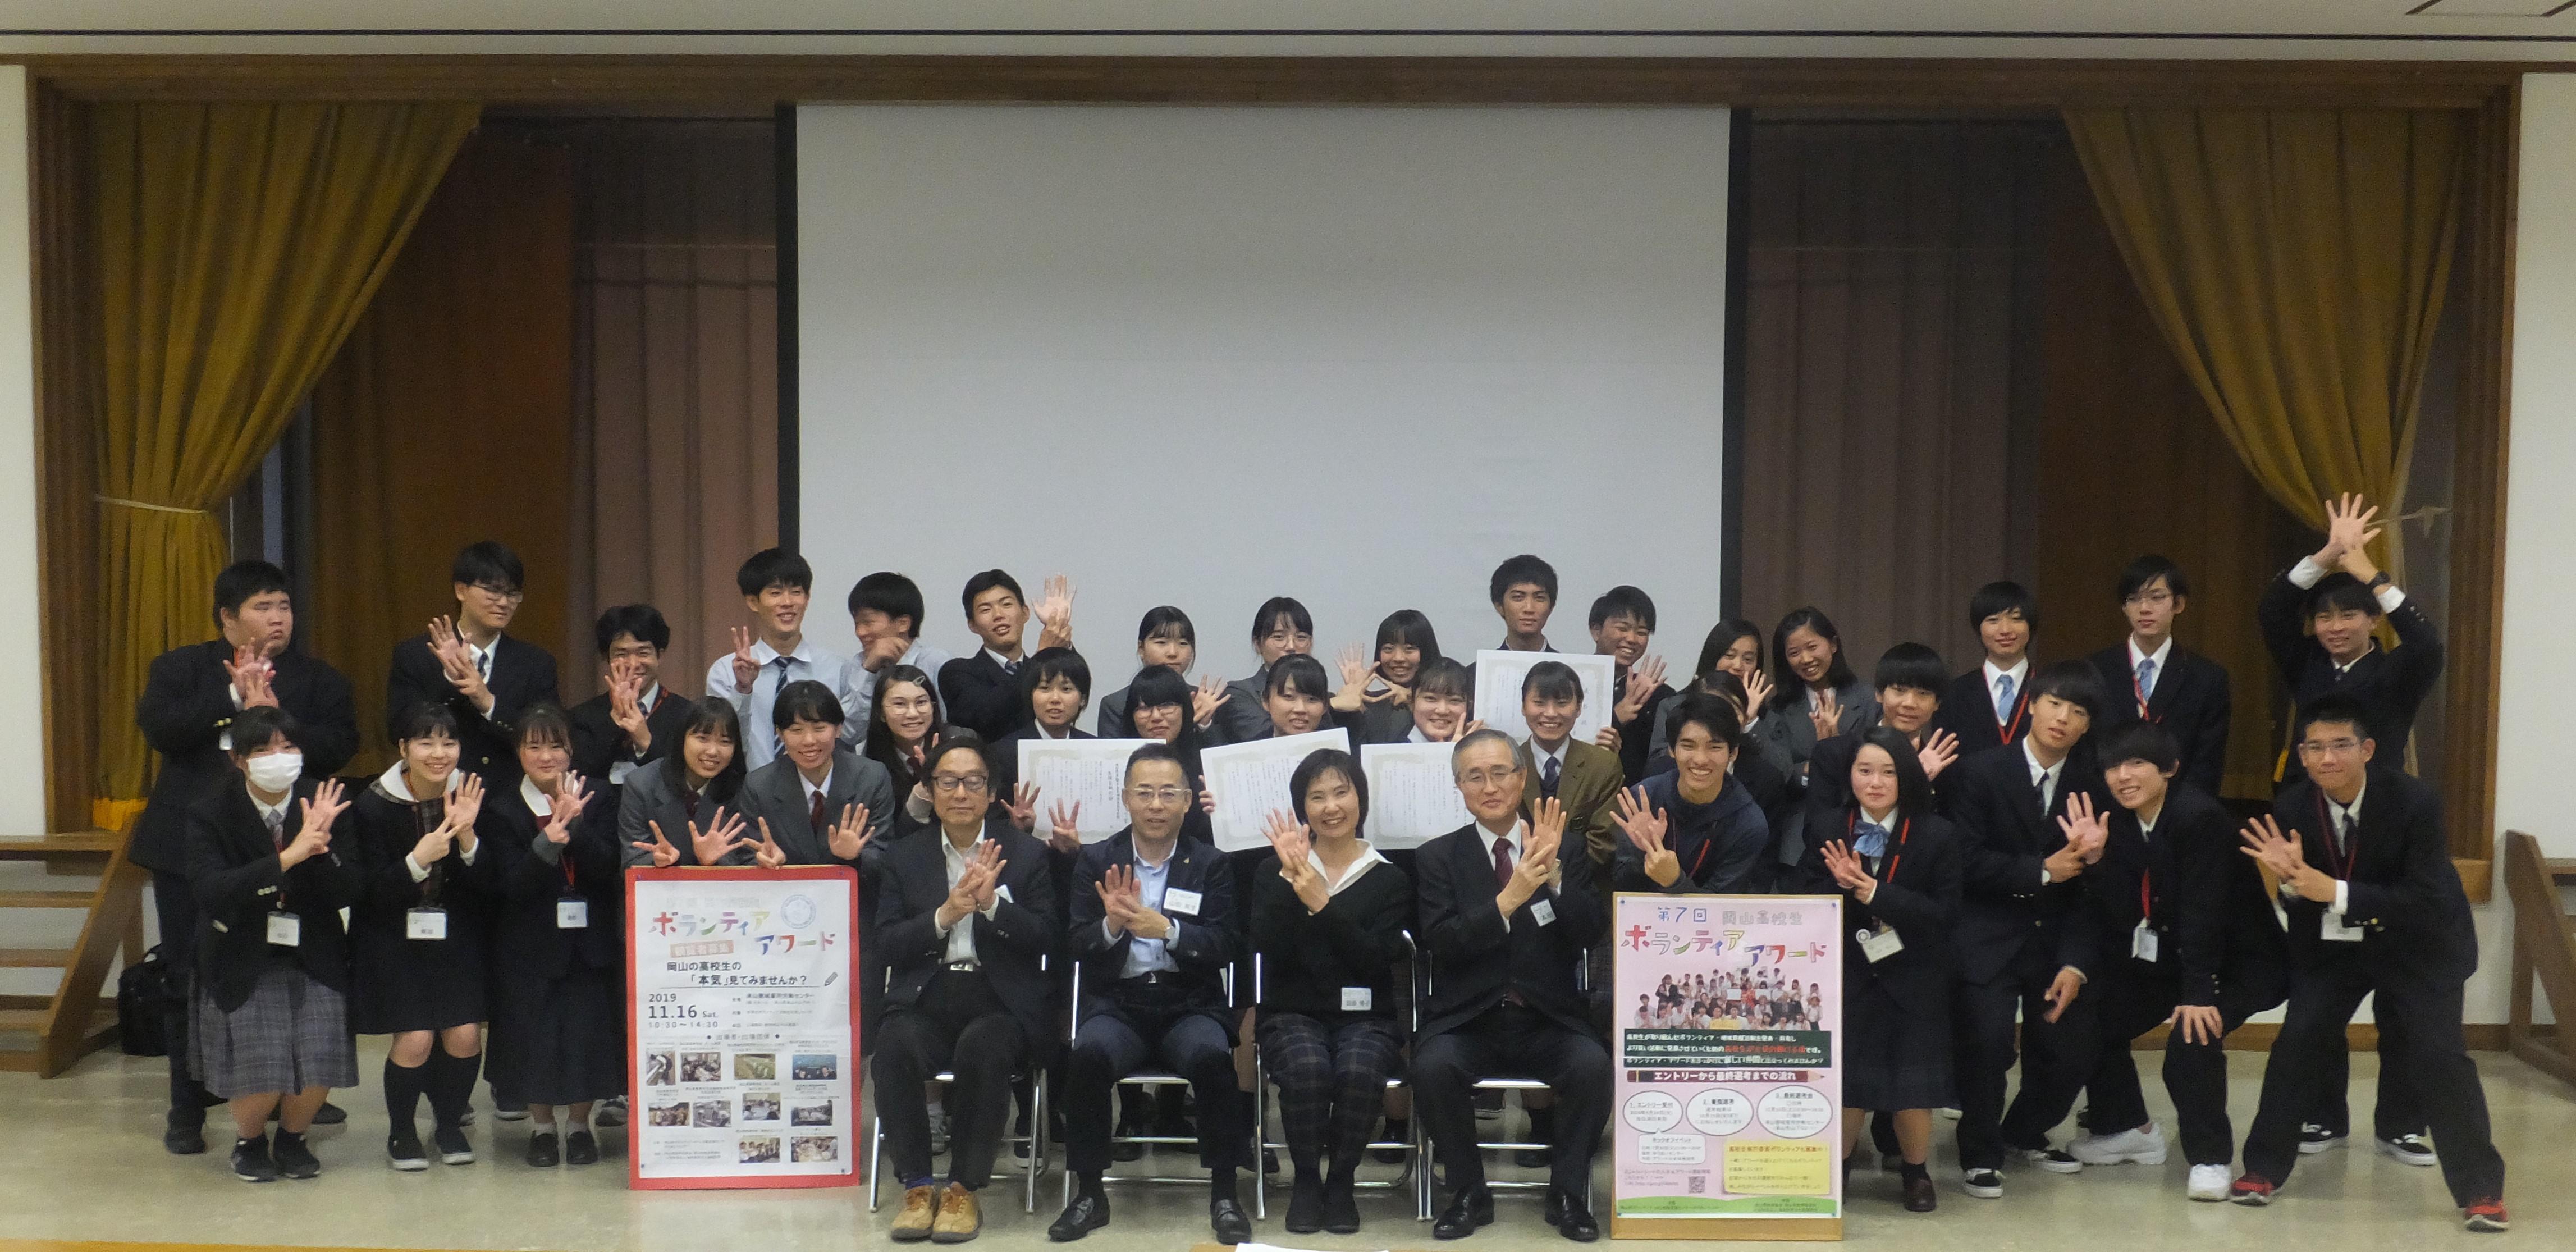 第7回(2019年度)岡山高校生ボランティア・アワードの様子と受賞チームの紹介